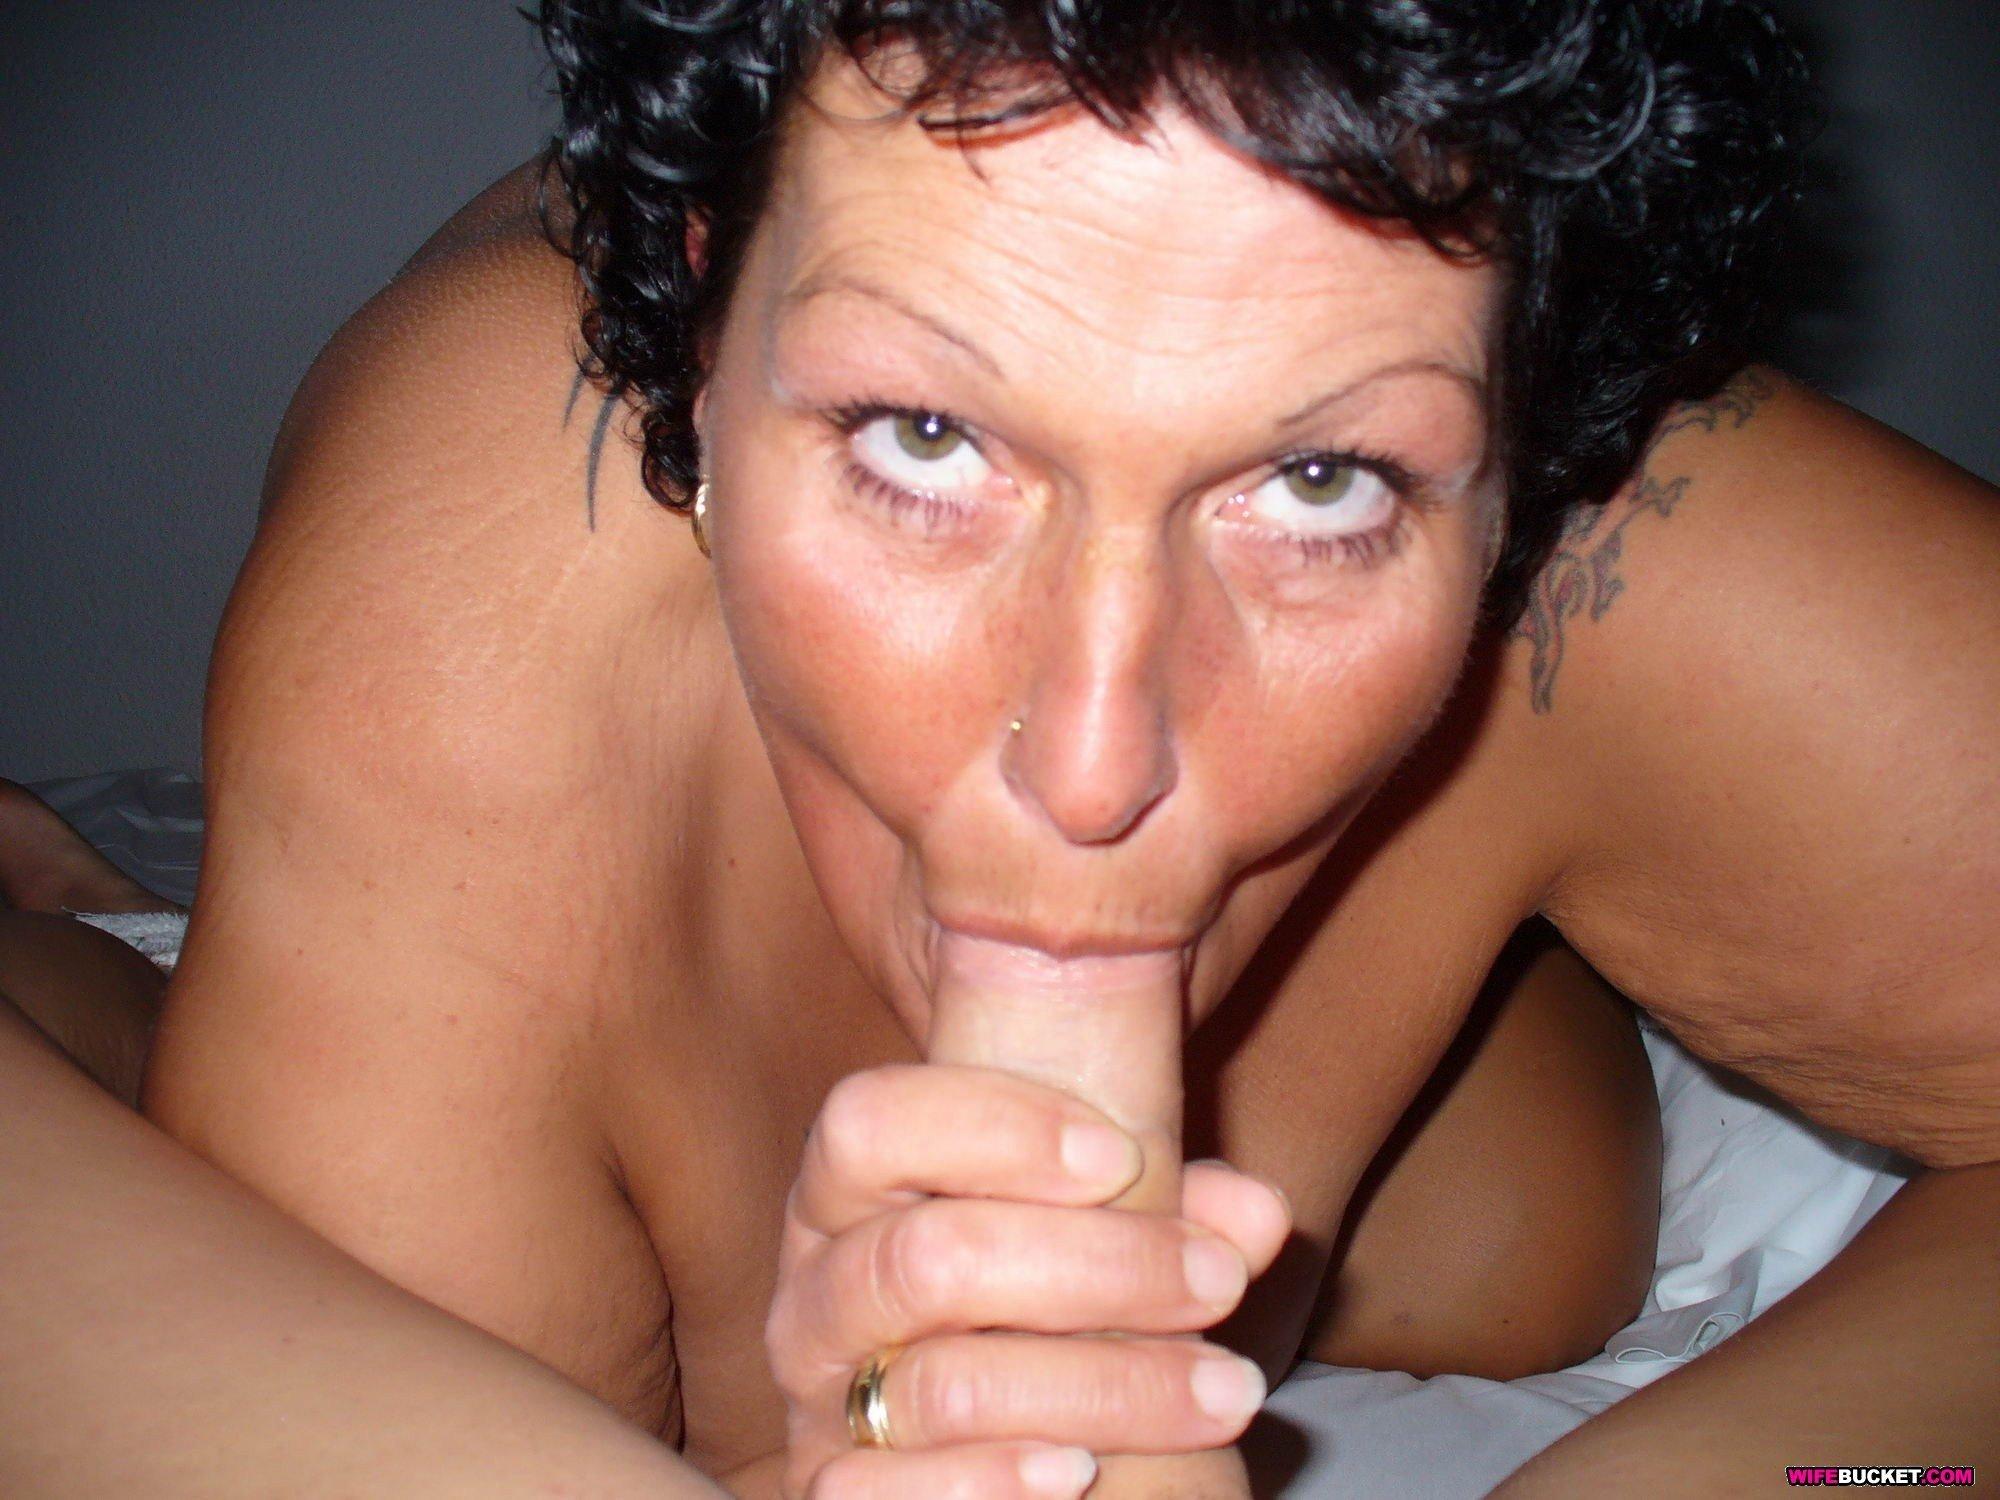 Old Women Blowjob Pics